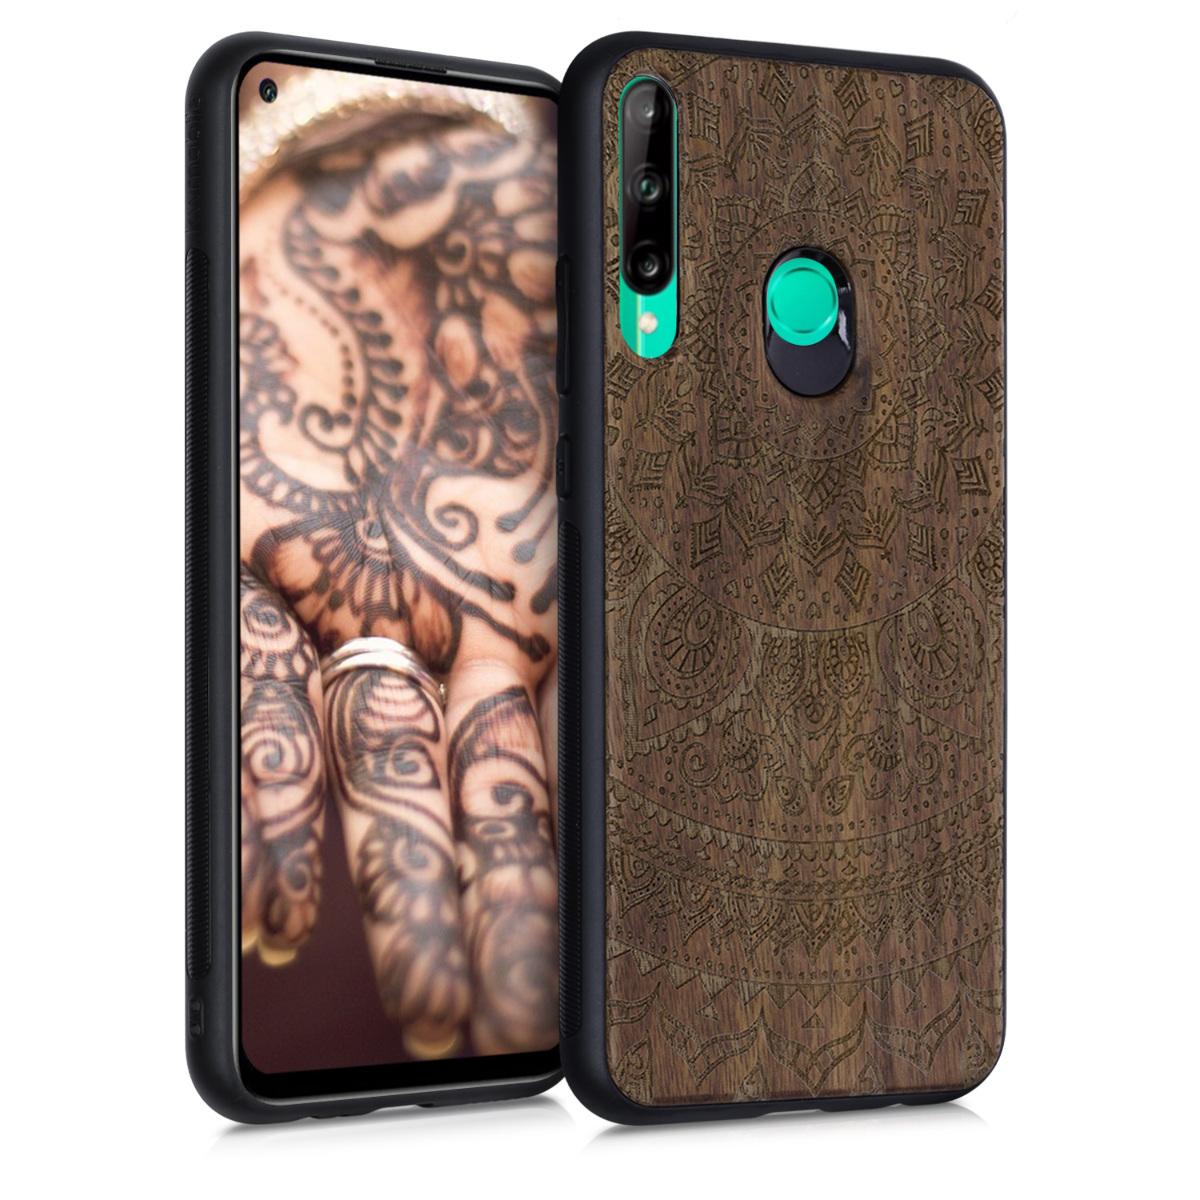 Dřevěné hnědé pouzdro / obal pro Huawei P40 Lite E s motivem indiánské slunce